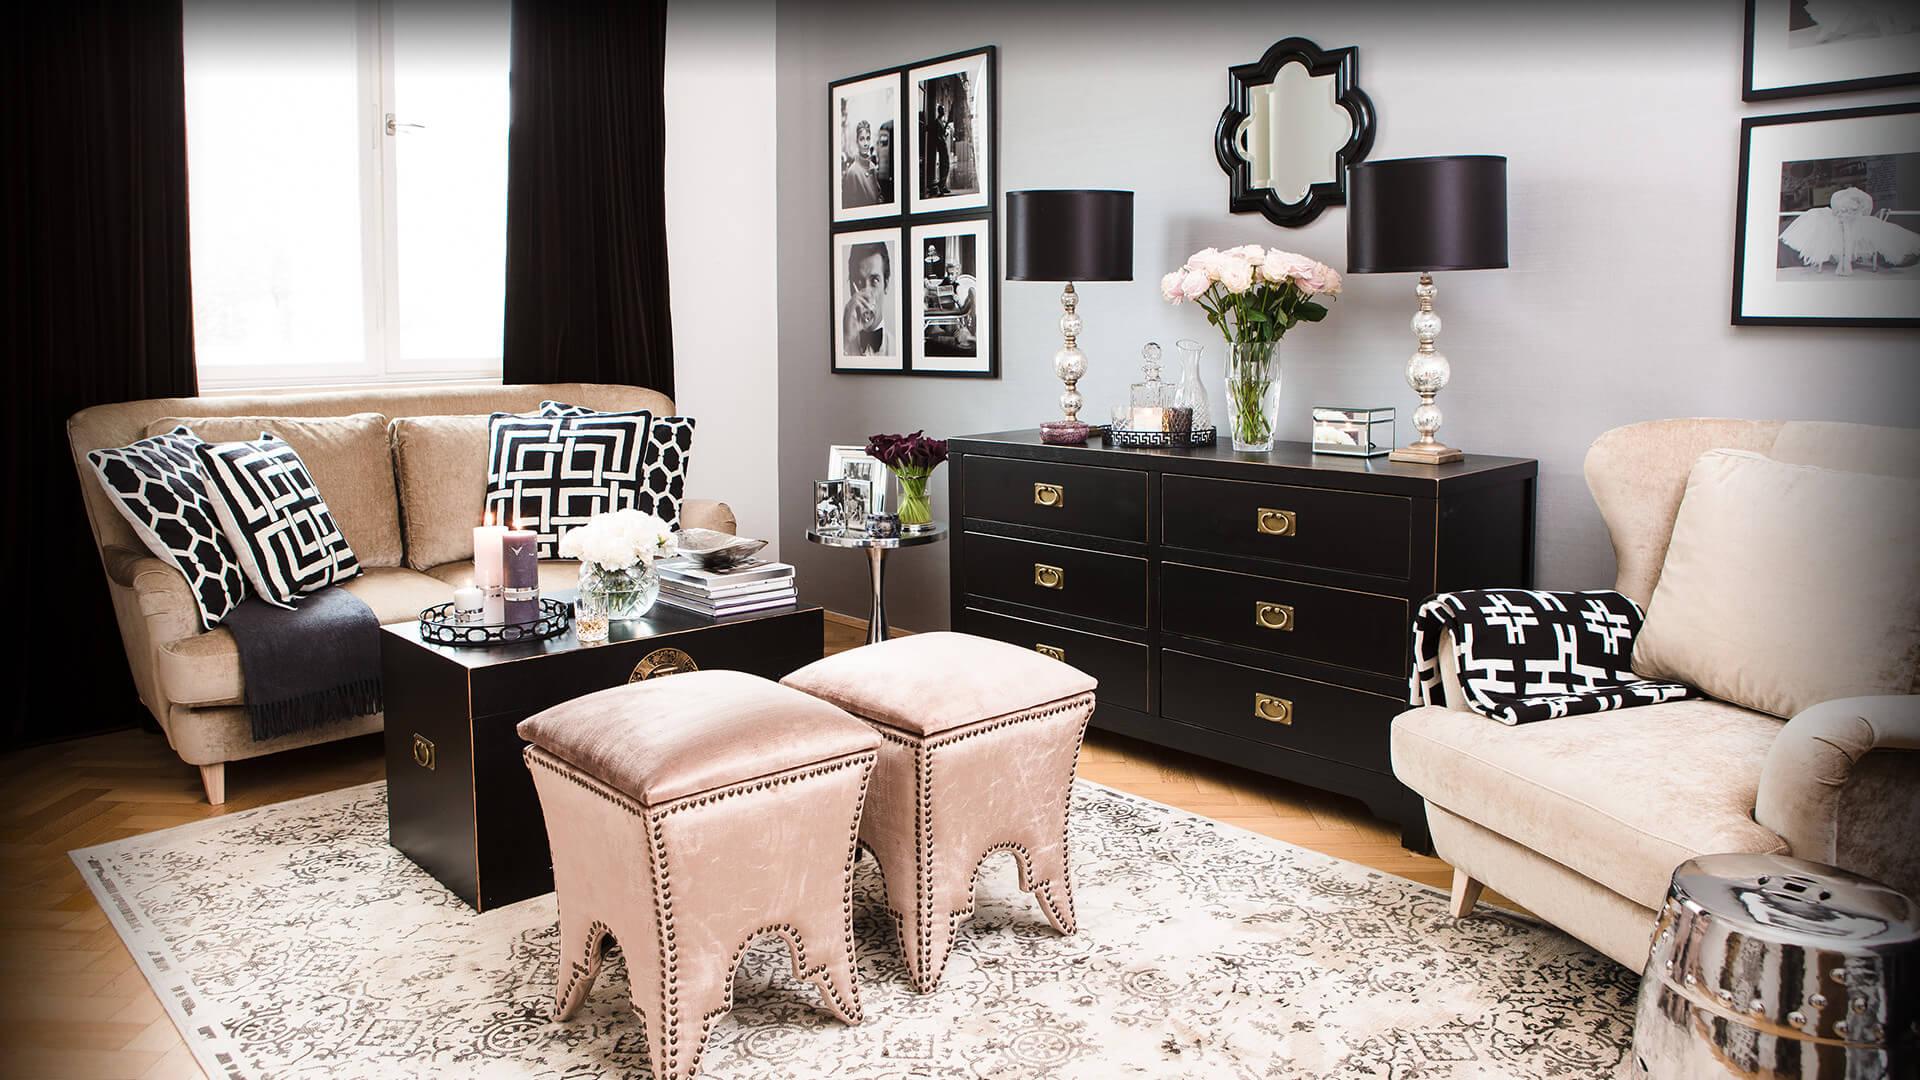 Mein kleiner Salon